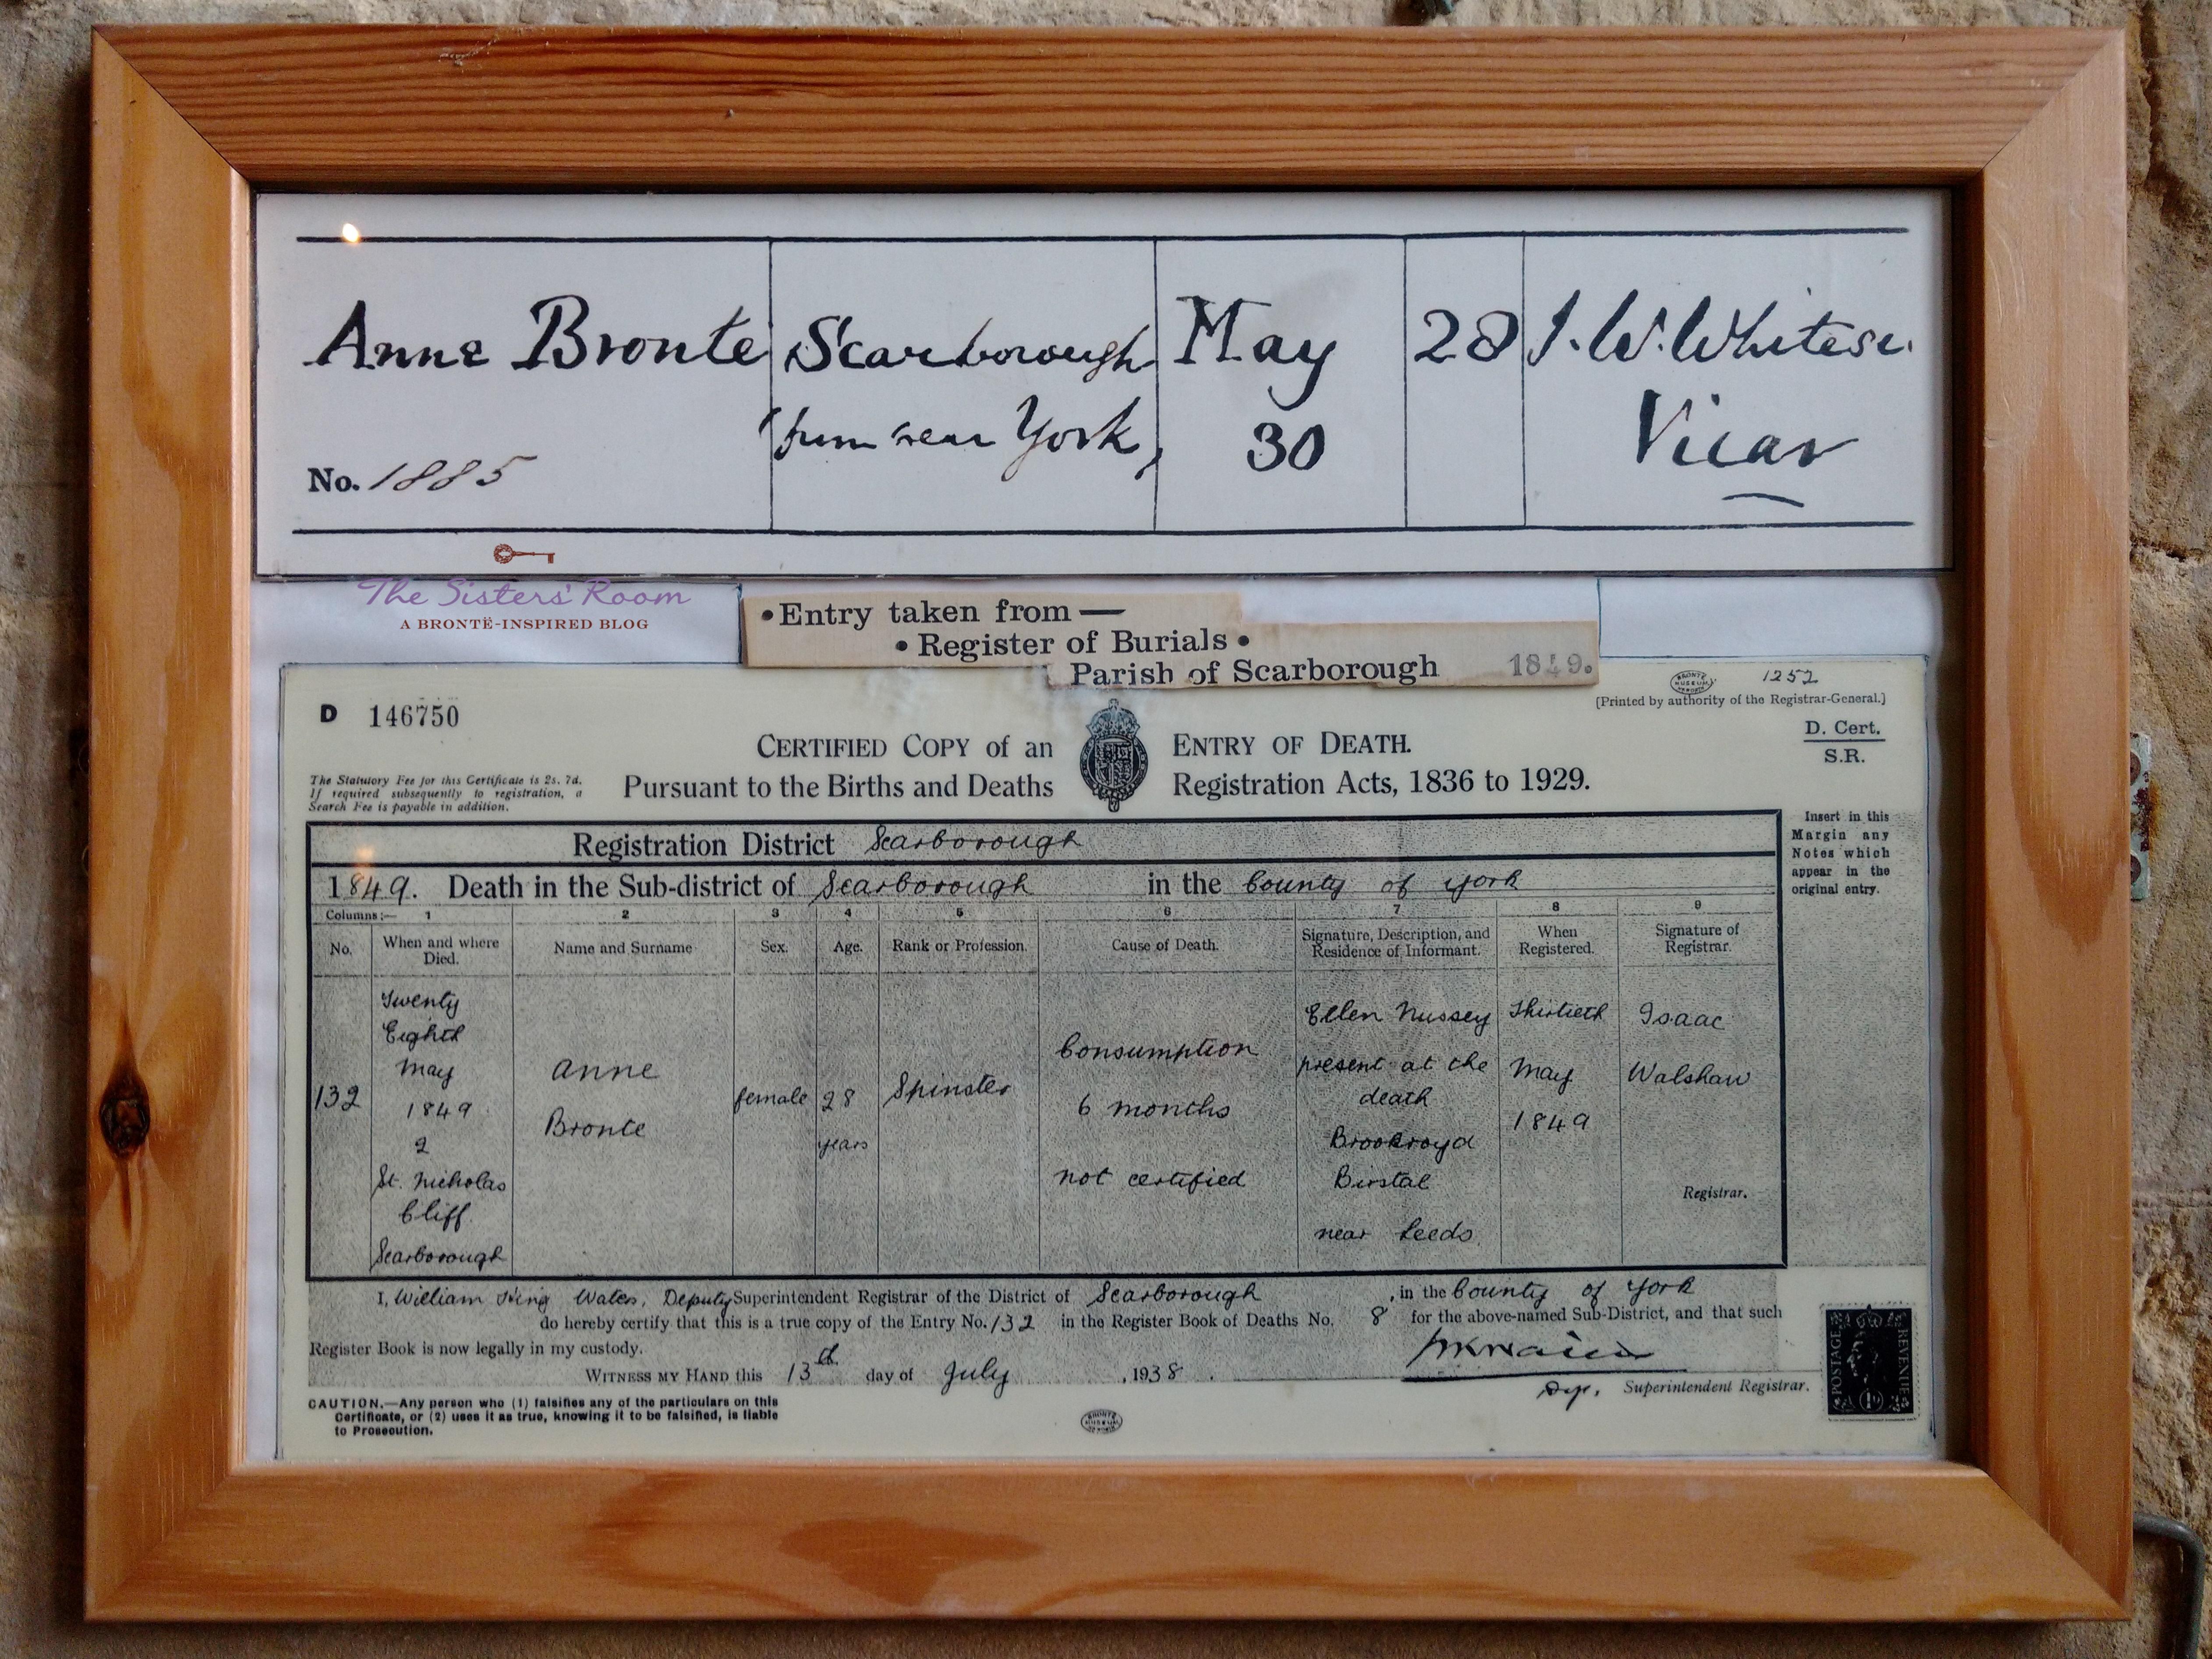 Anne Brontë certificato morte